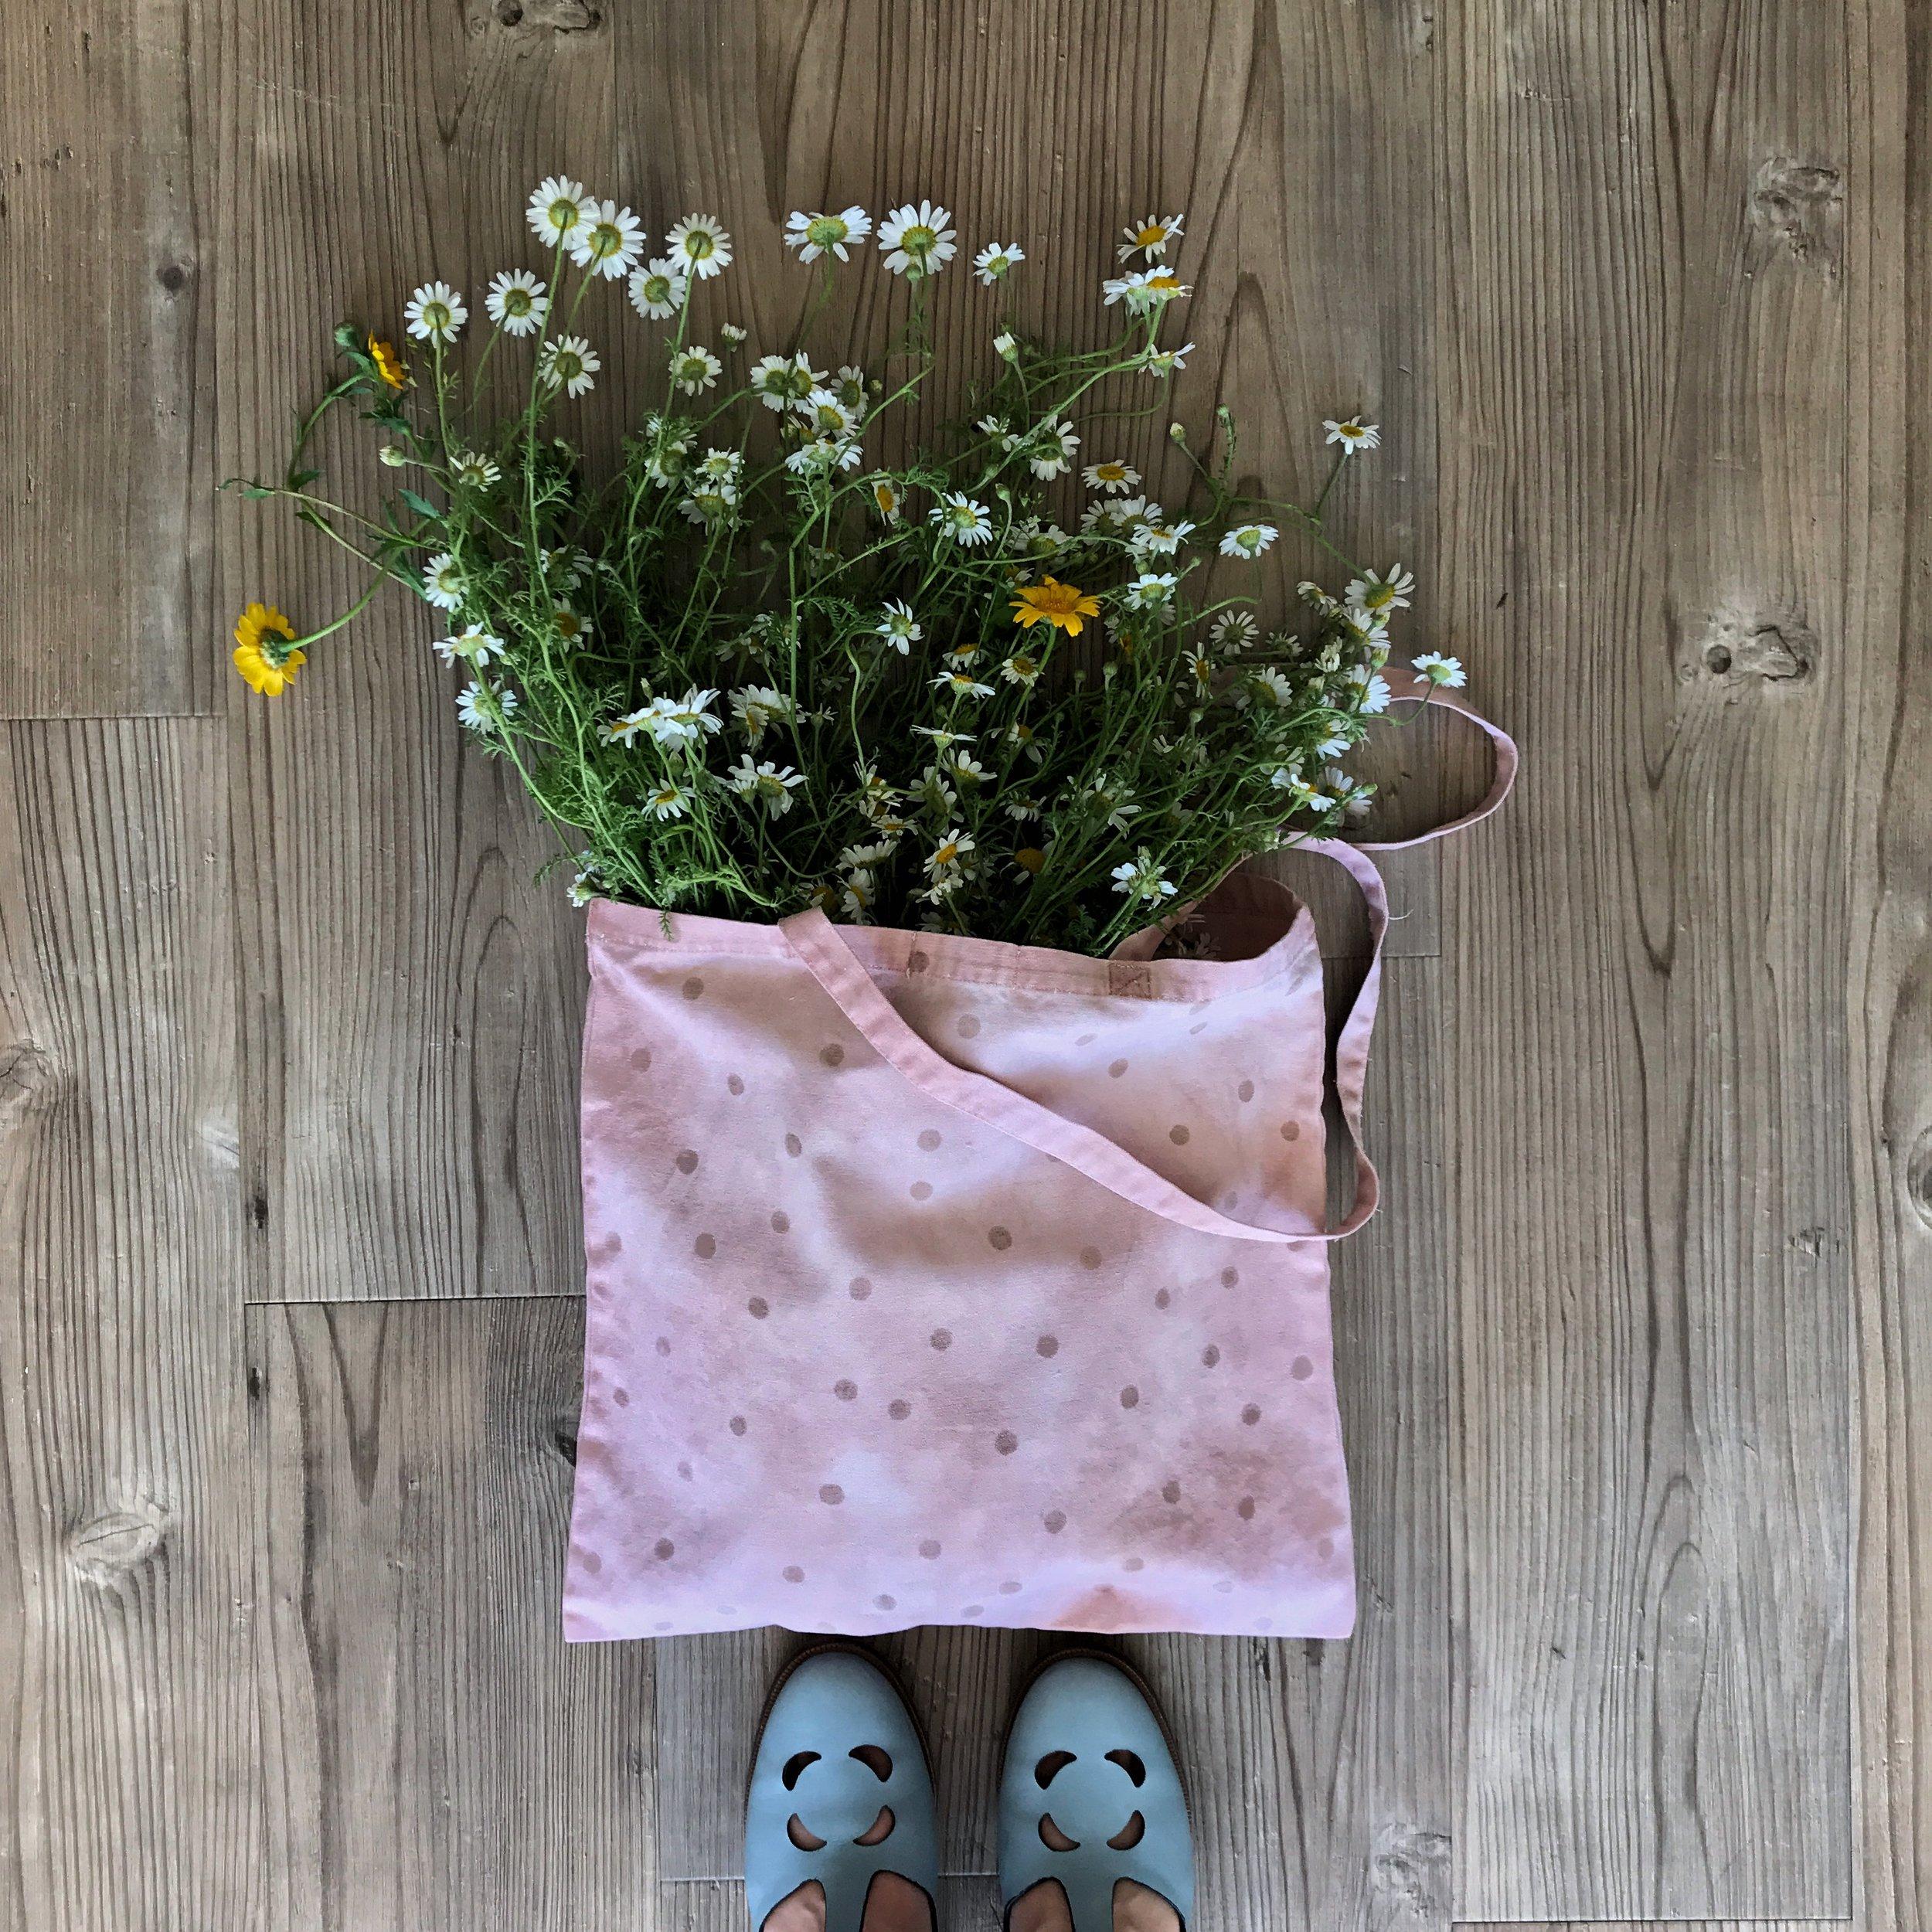 stofftasche pflanzlich gefärbt